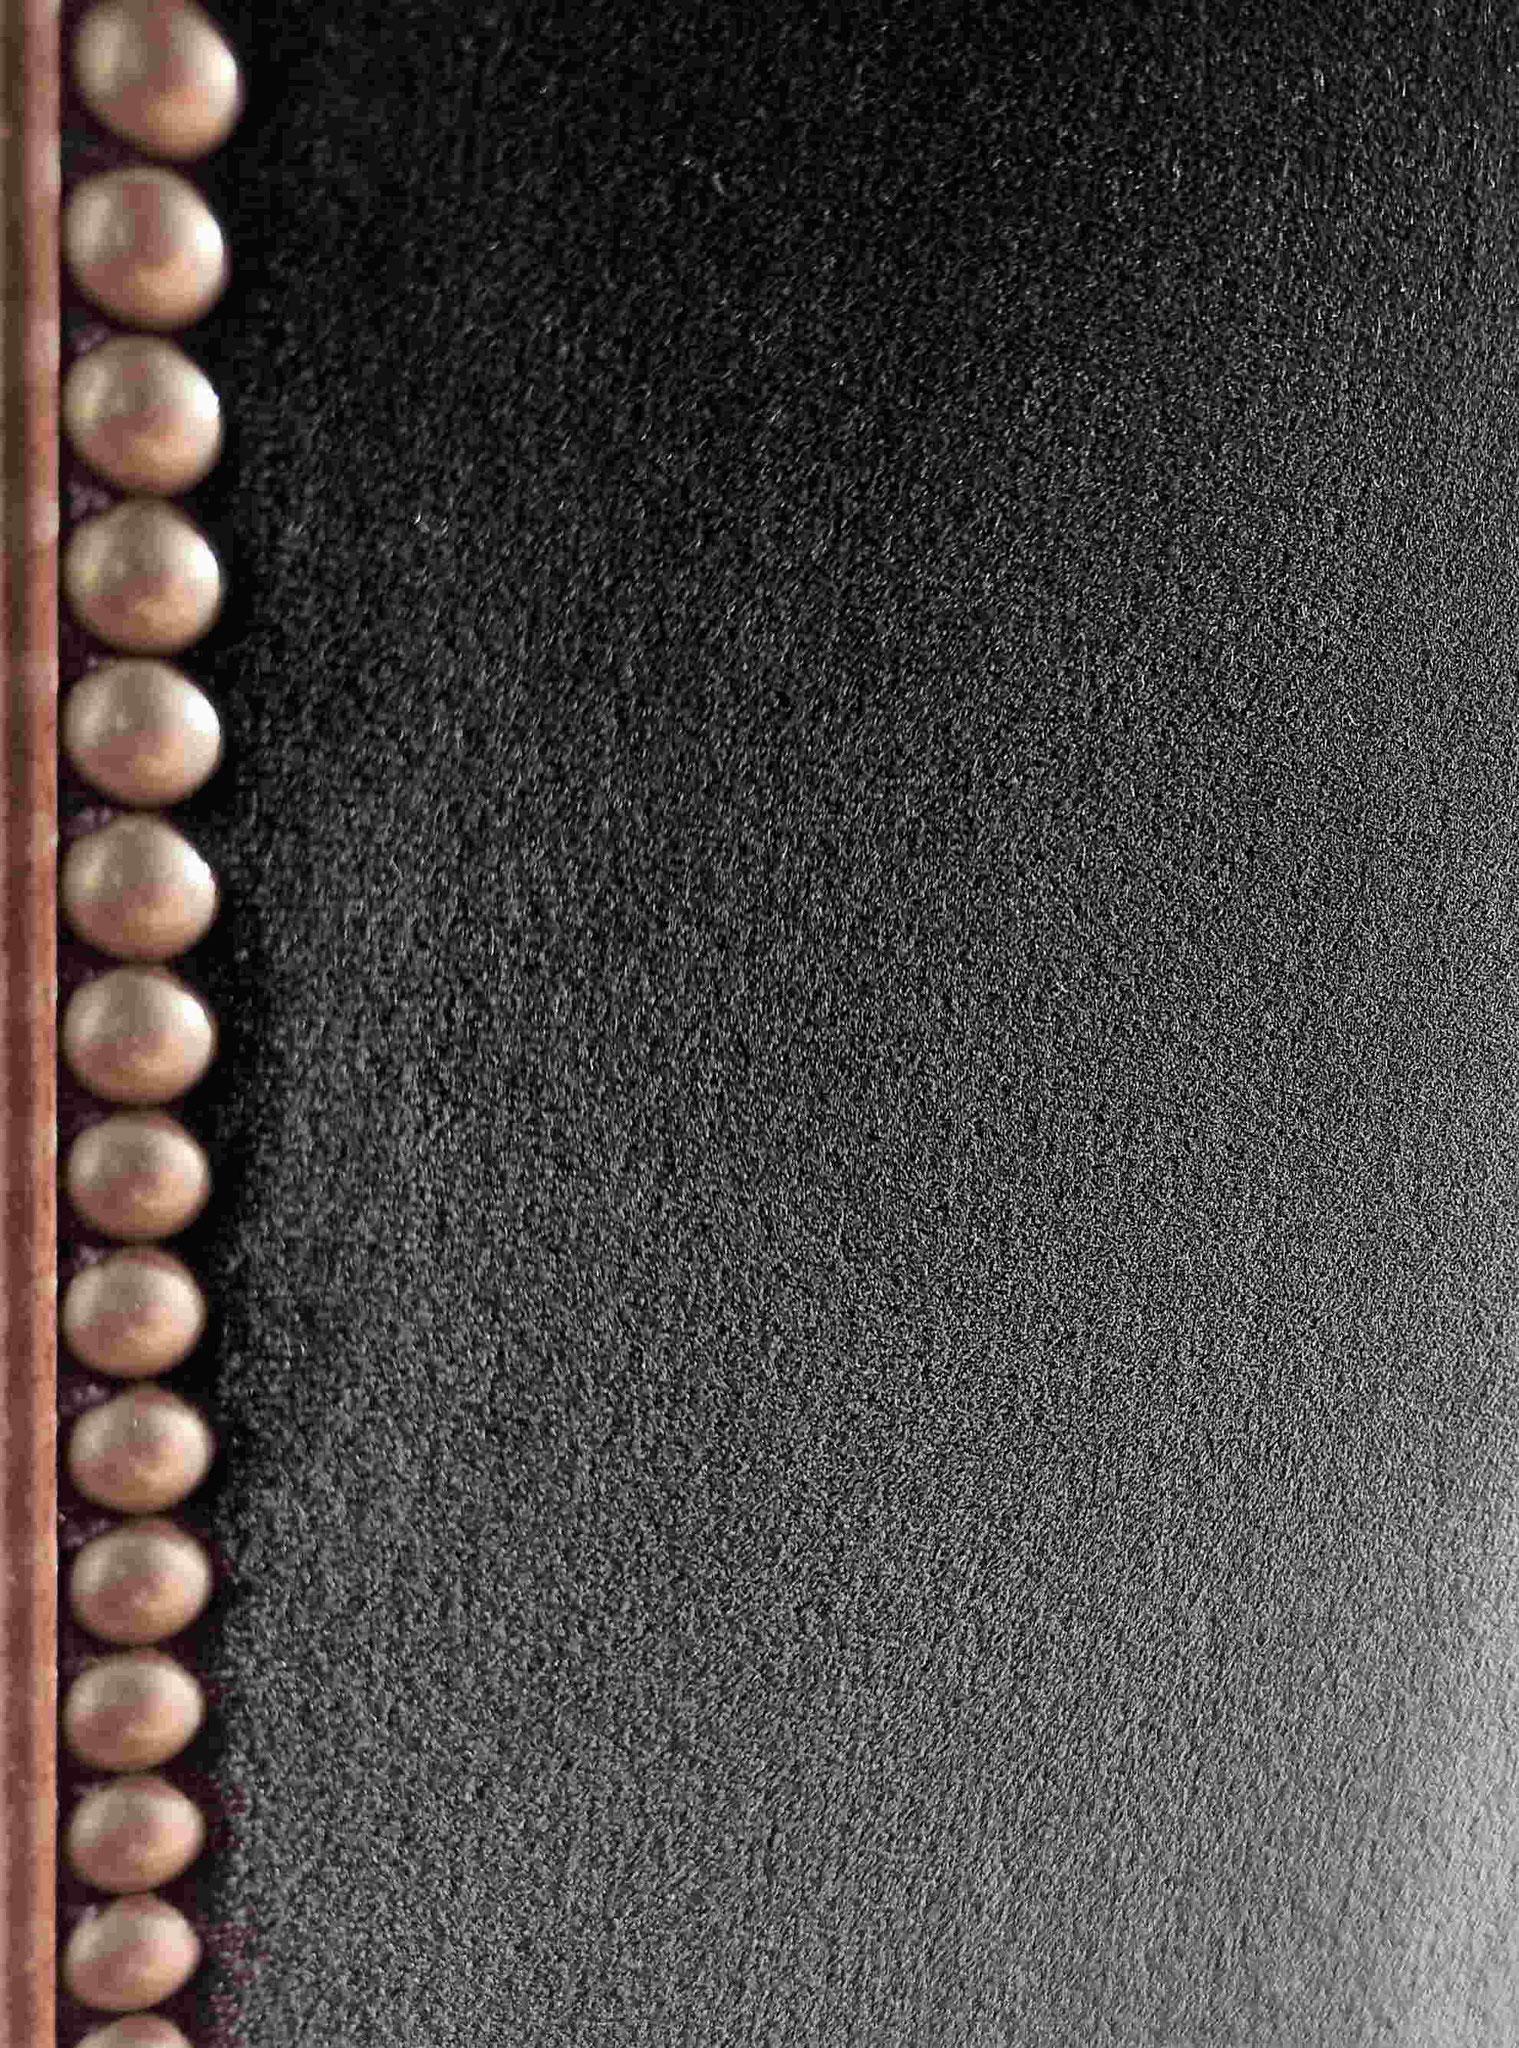 Velouté du velours noir clouté © Atelier Marlène Vidal